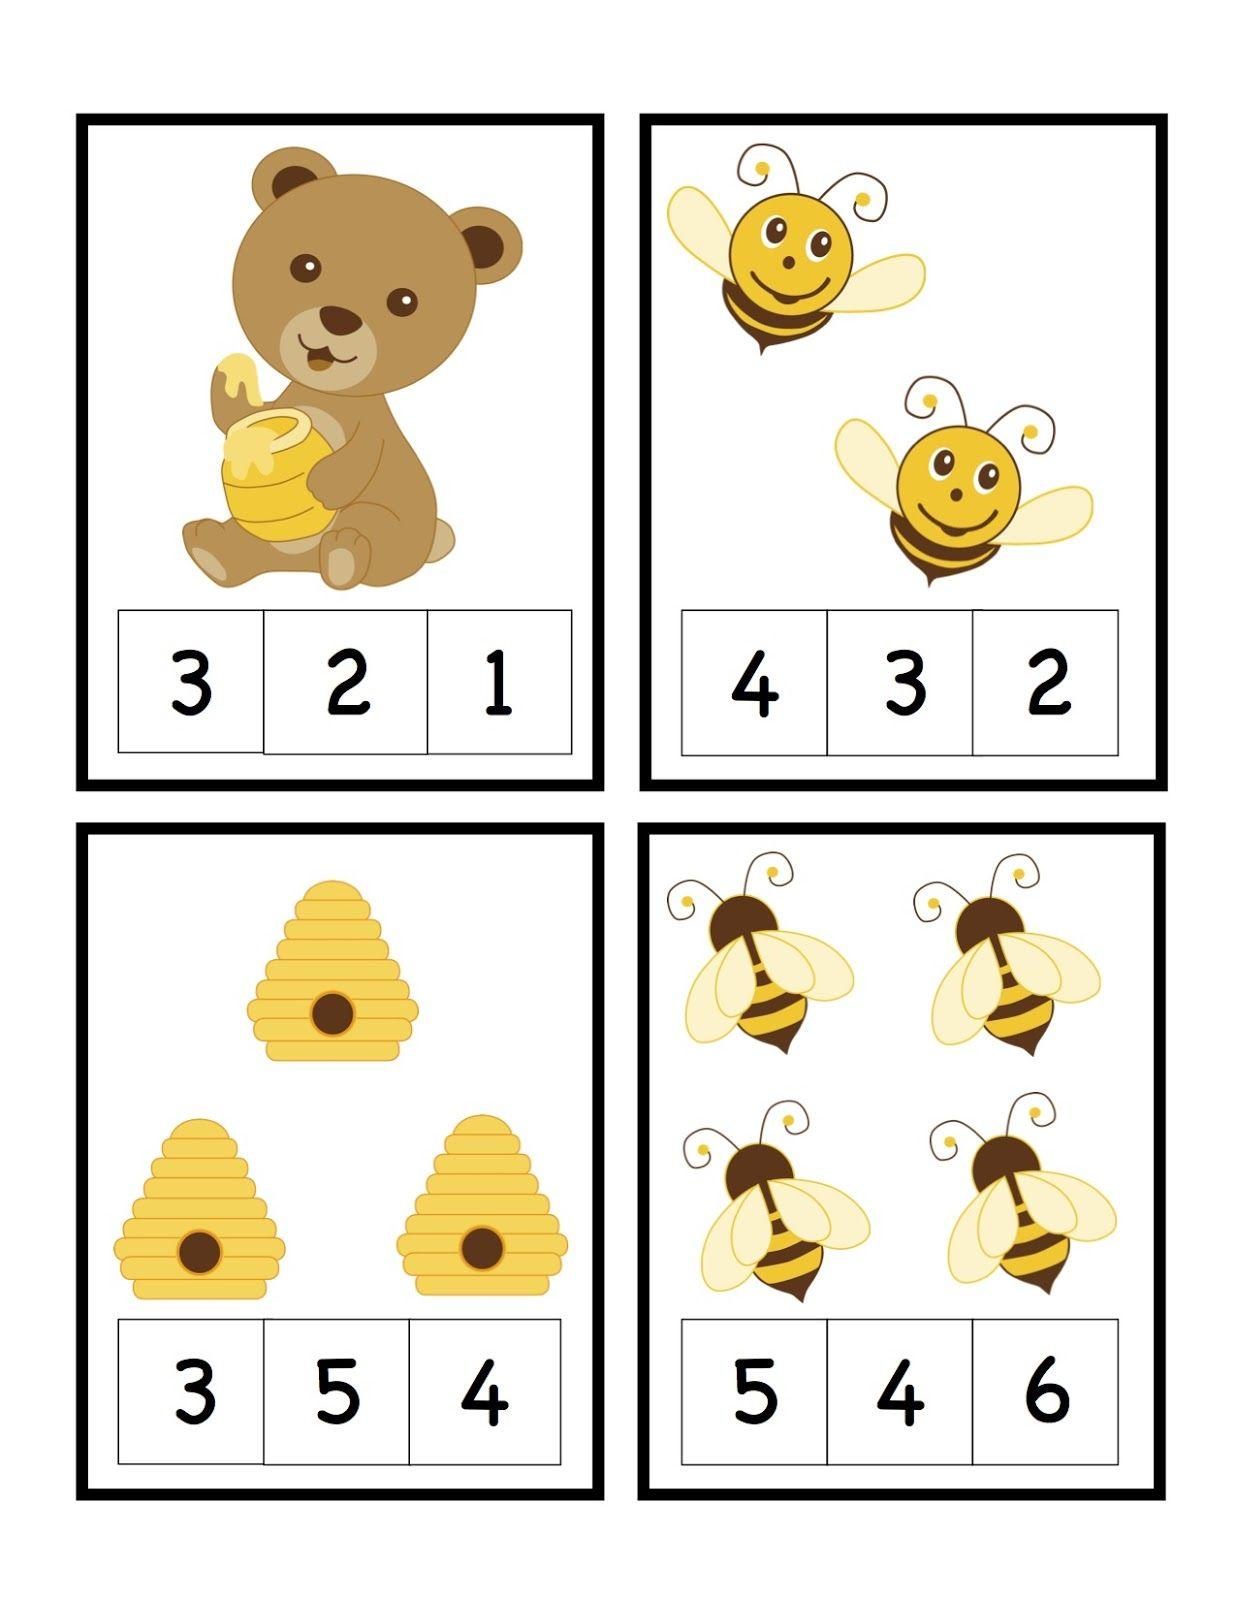 Bee Num Cards 1 4 1 236 1 600 Pixeles